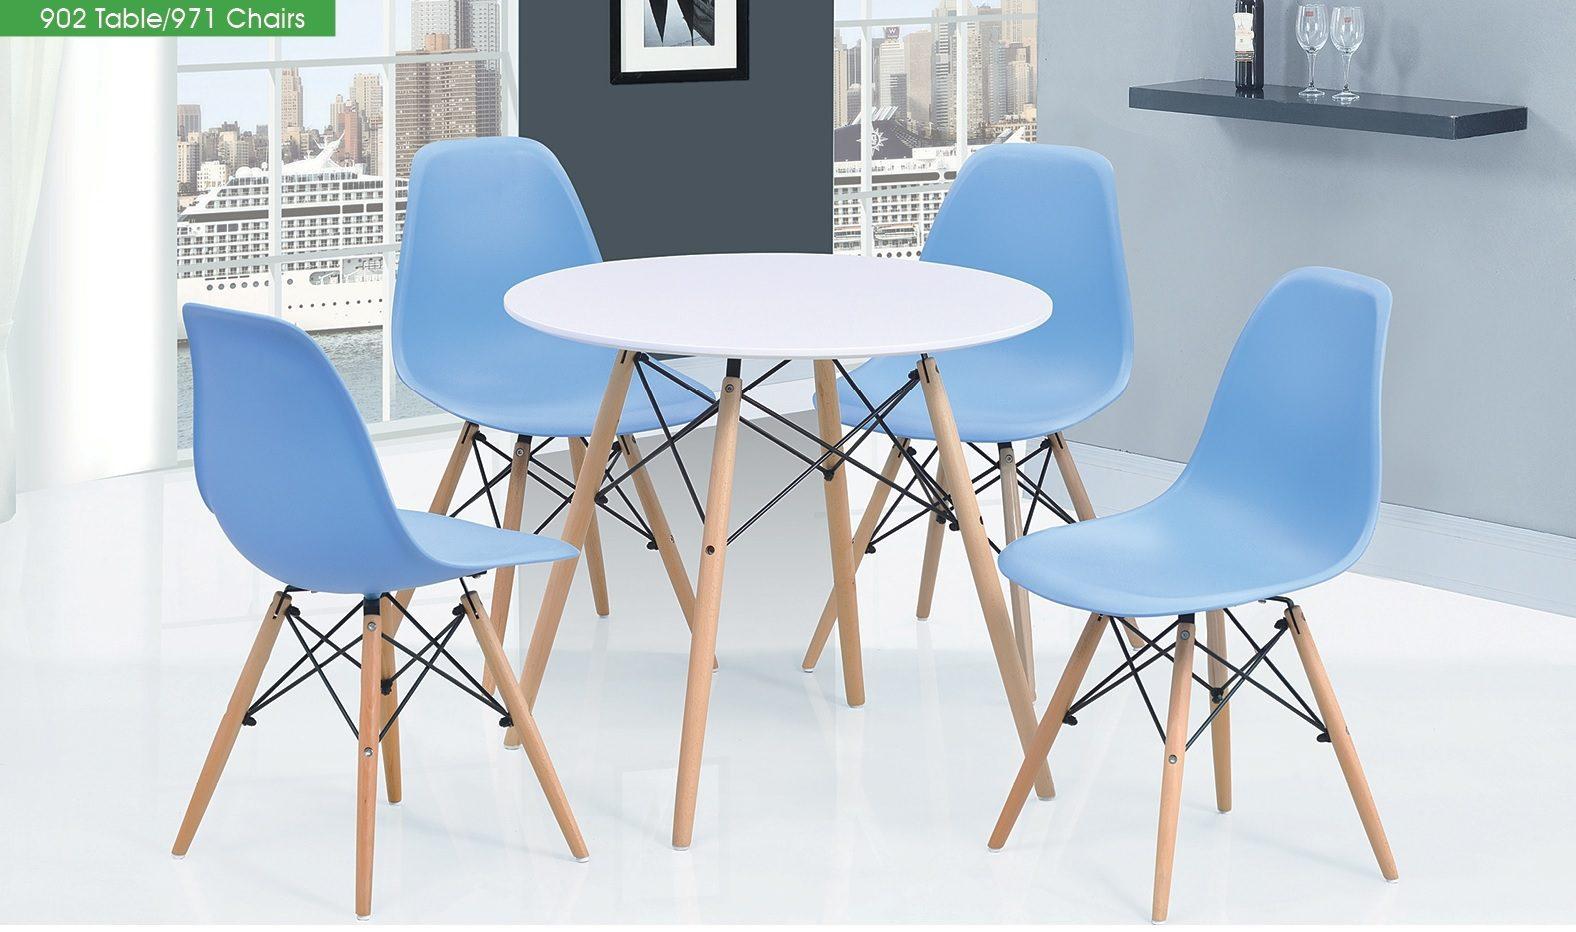 Стол DT-902 белый и стулья ESF 971 голубые